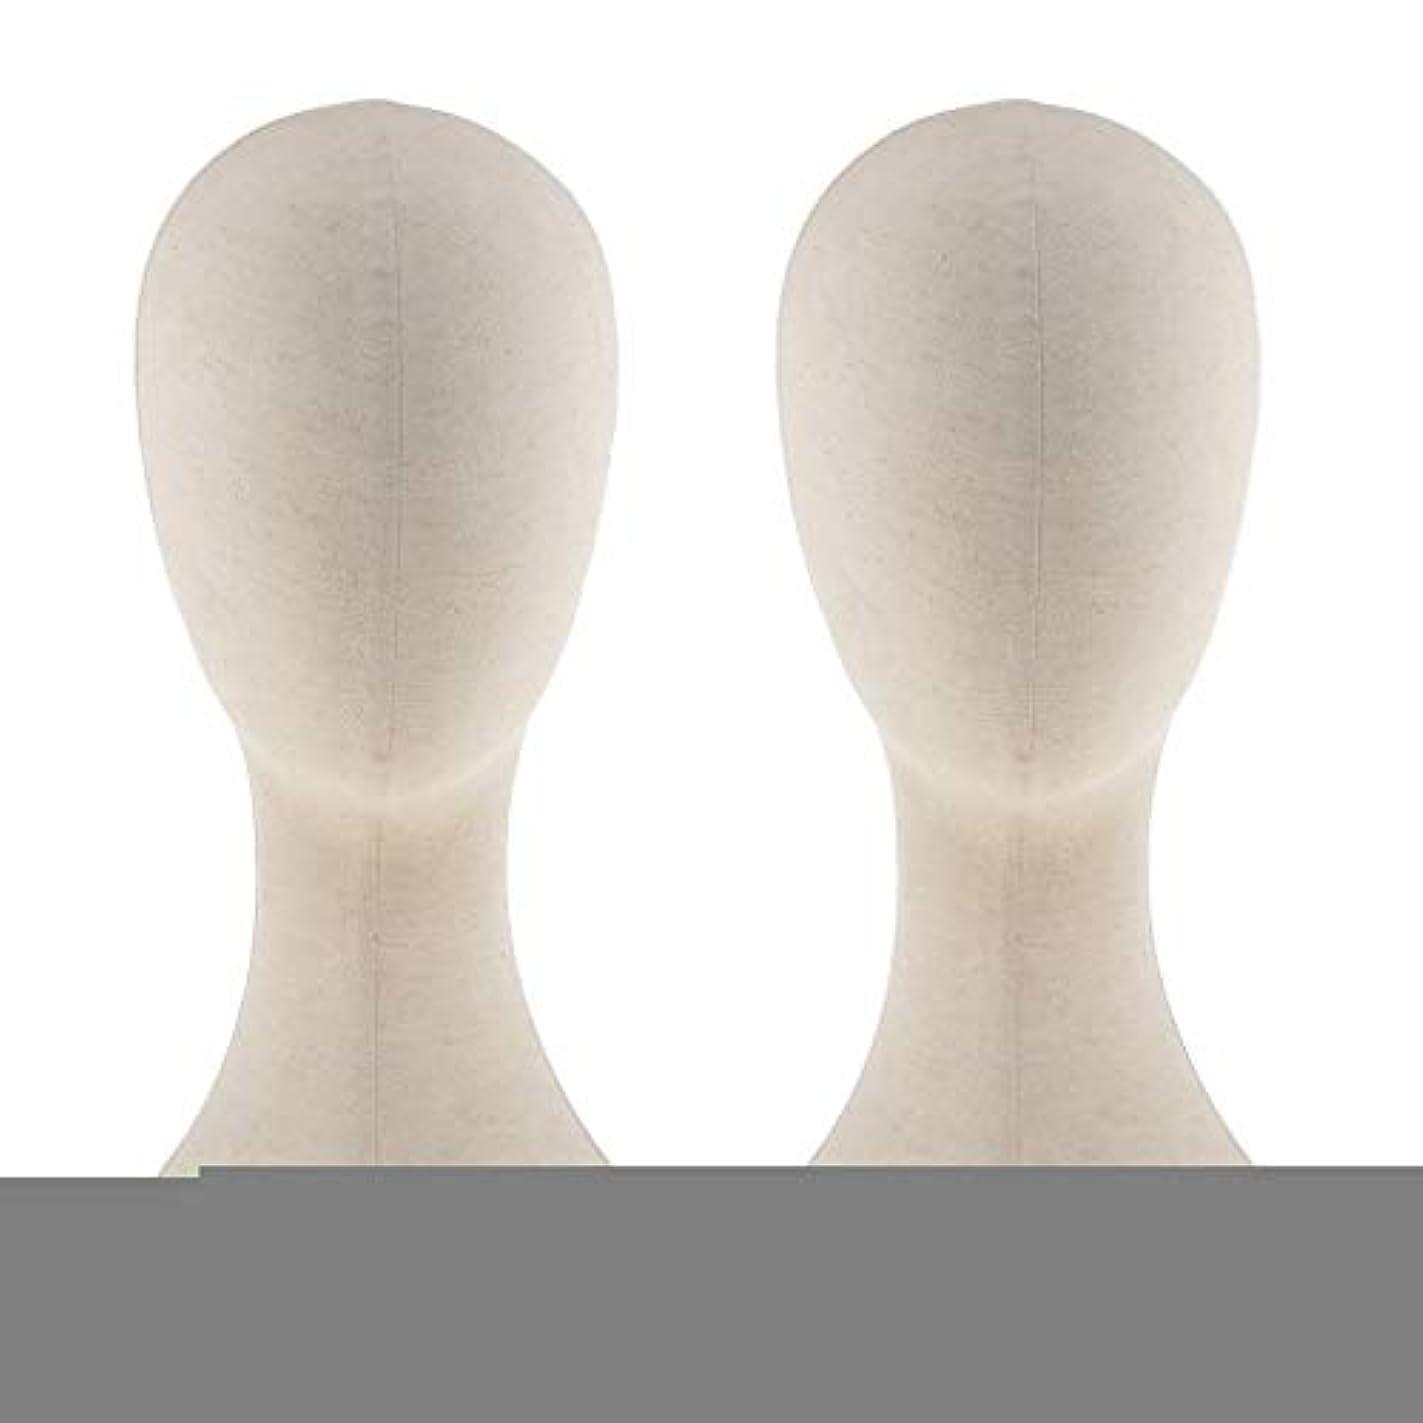 くすぐったい誇り目的T TOOYFUL キャンバス マネキン ヘッド トルソー 頭 カット練習 頭部 女性 ウィッグマネキン ウィッグスタンド2個